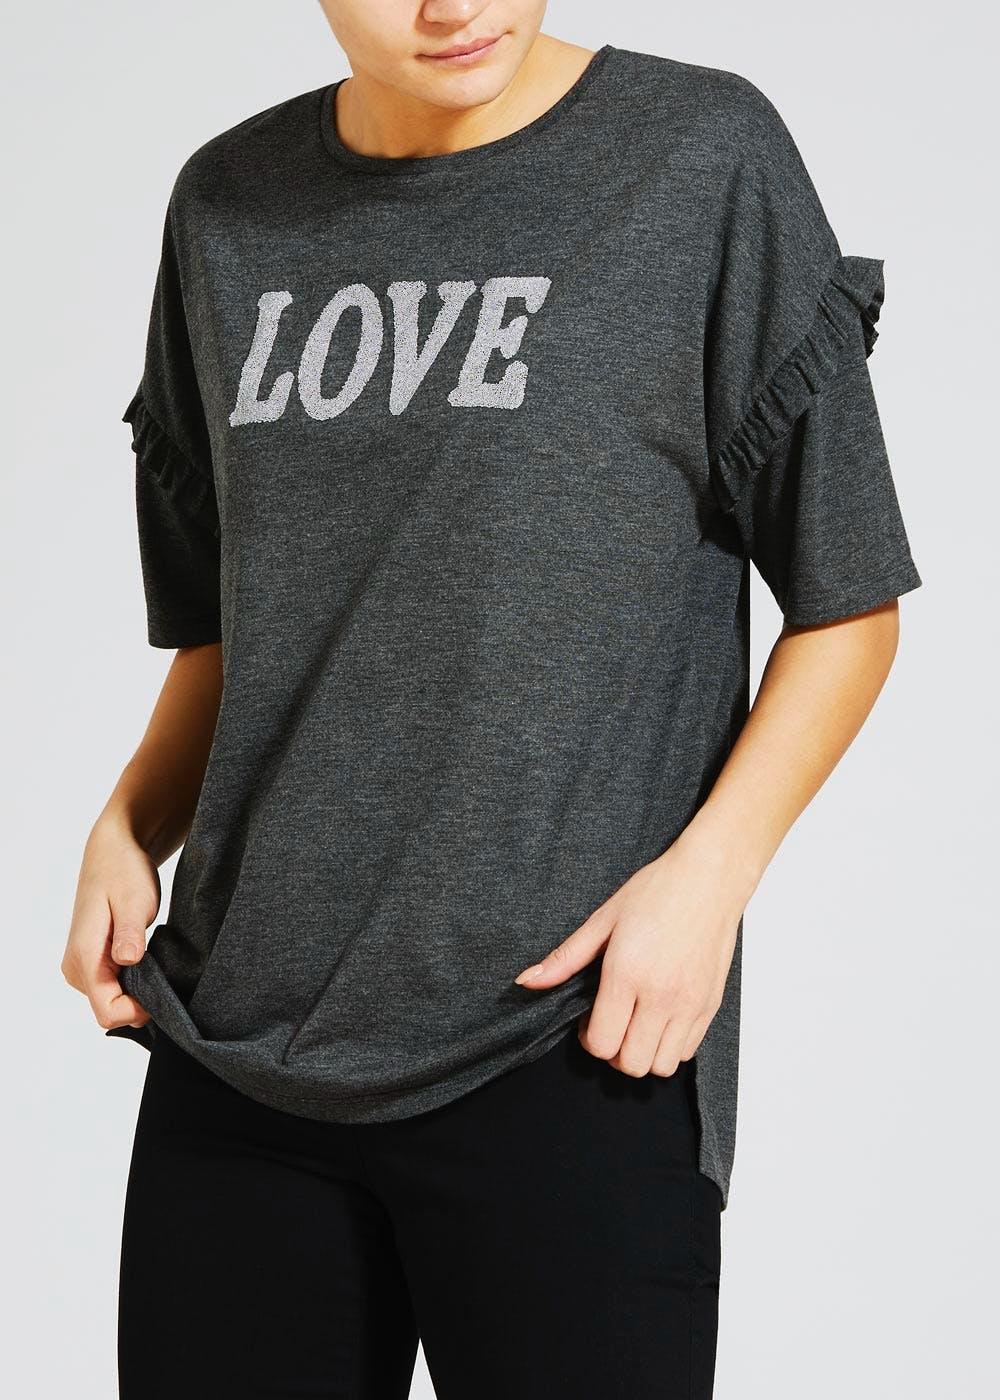 Womens Frill Love Slogan T-Shirt  £4.50 + Free click and collect at Matalan